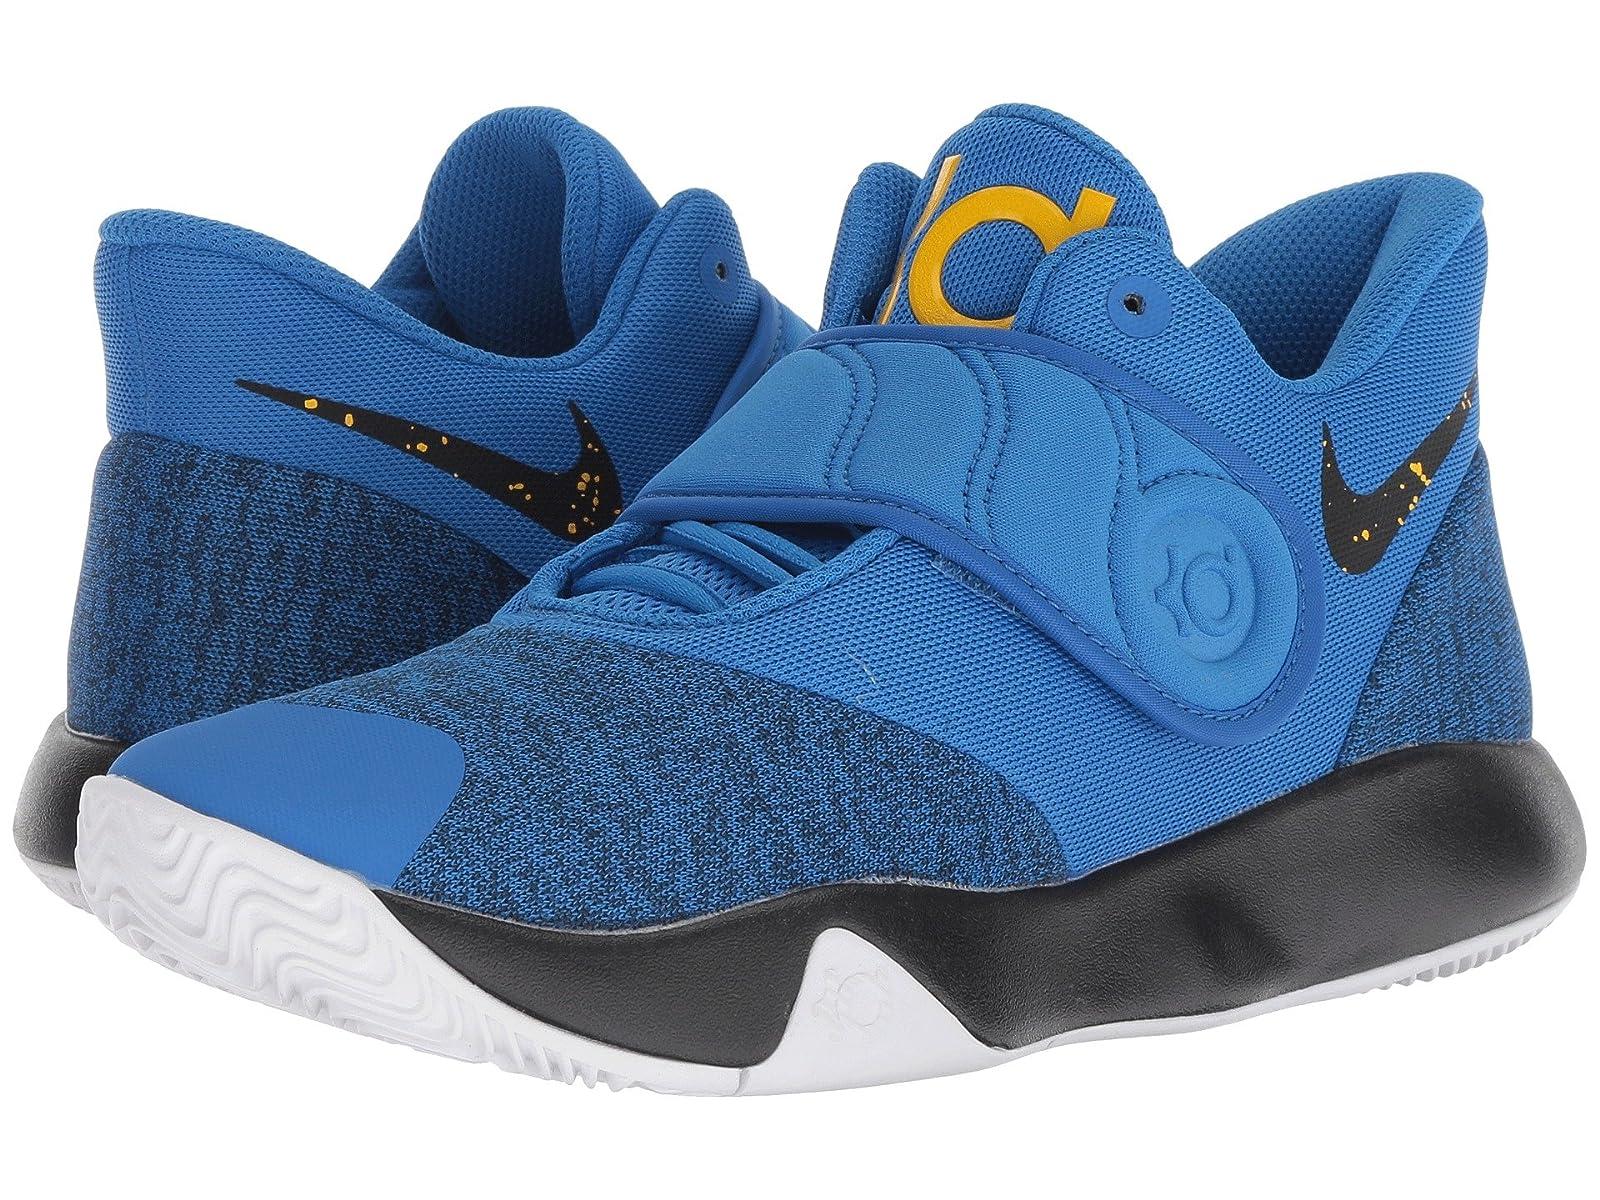 Nike KD Trey 5 VIAtmospheric grades have affordable shoes